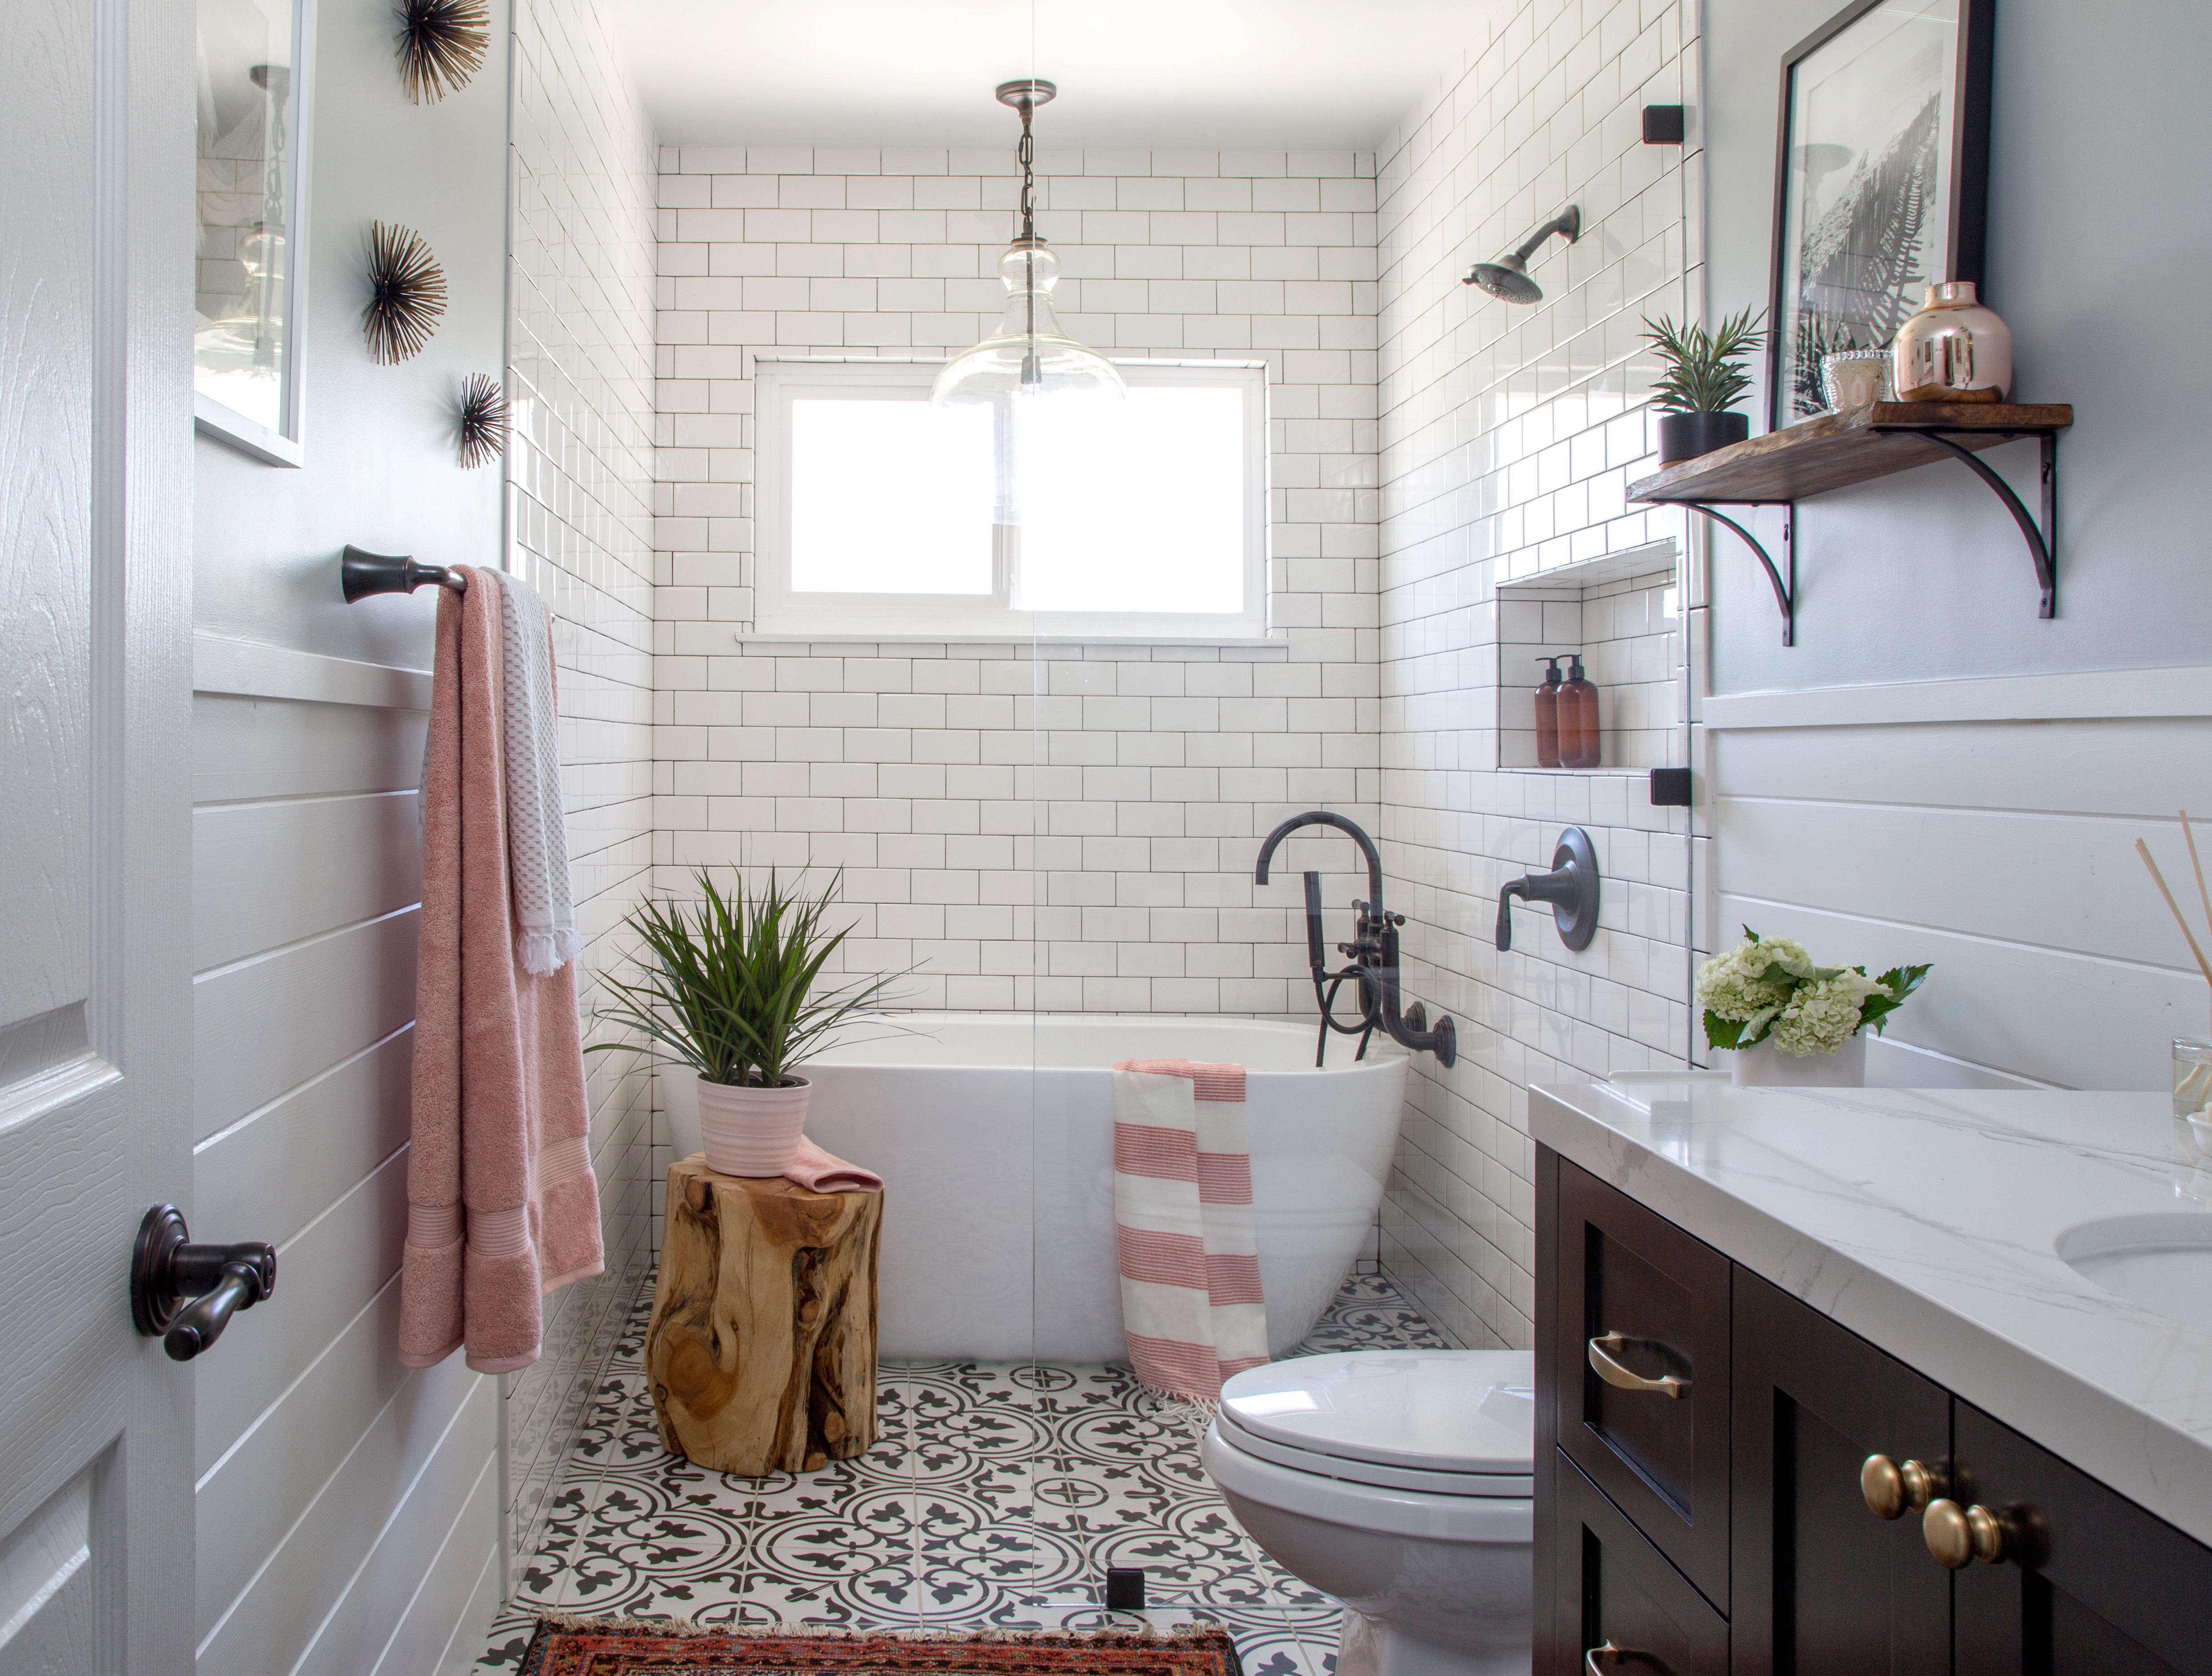 Modern Farmhouse Bath Remodel Remodelista, Modern Farmhouse Bathroom